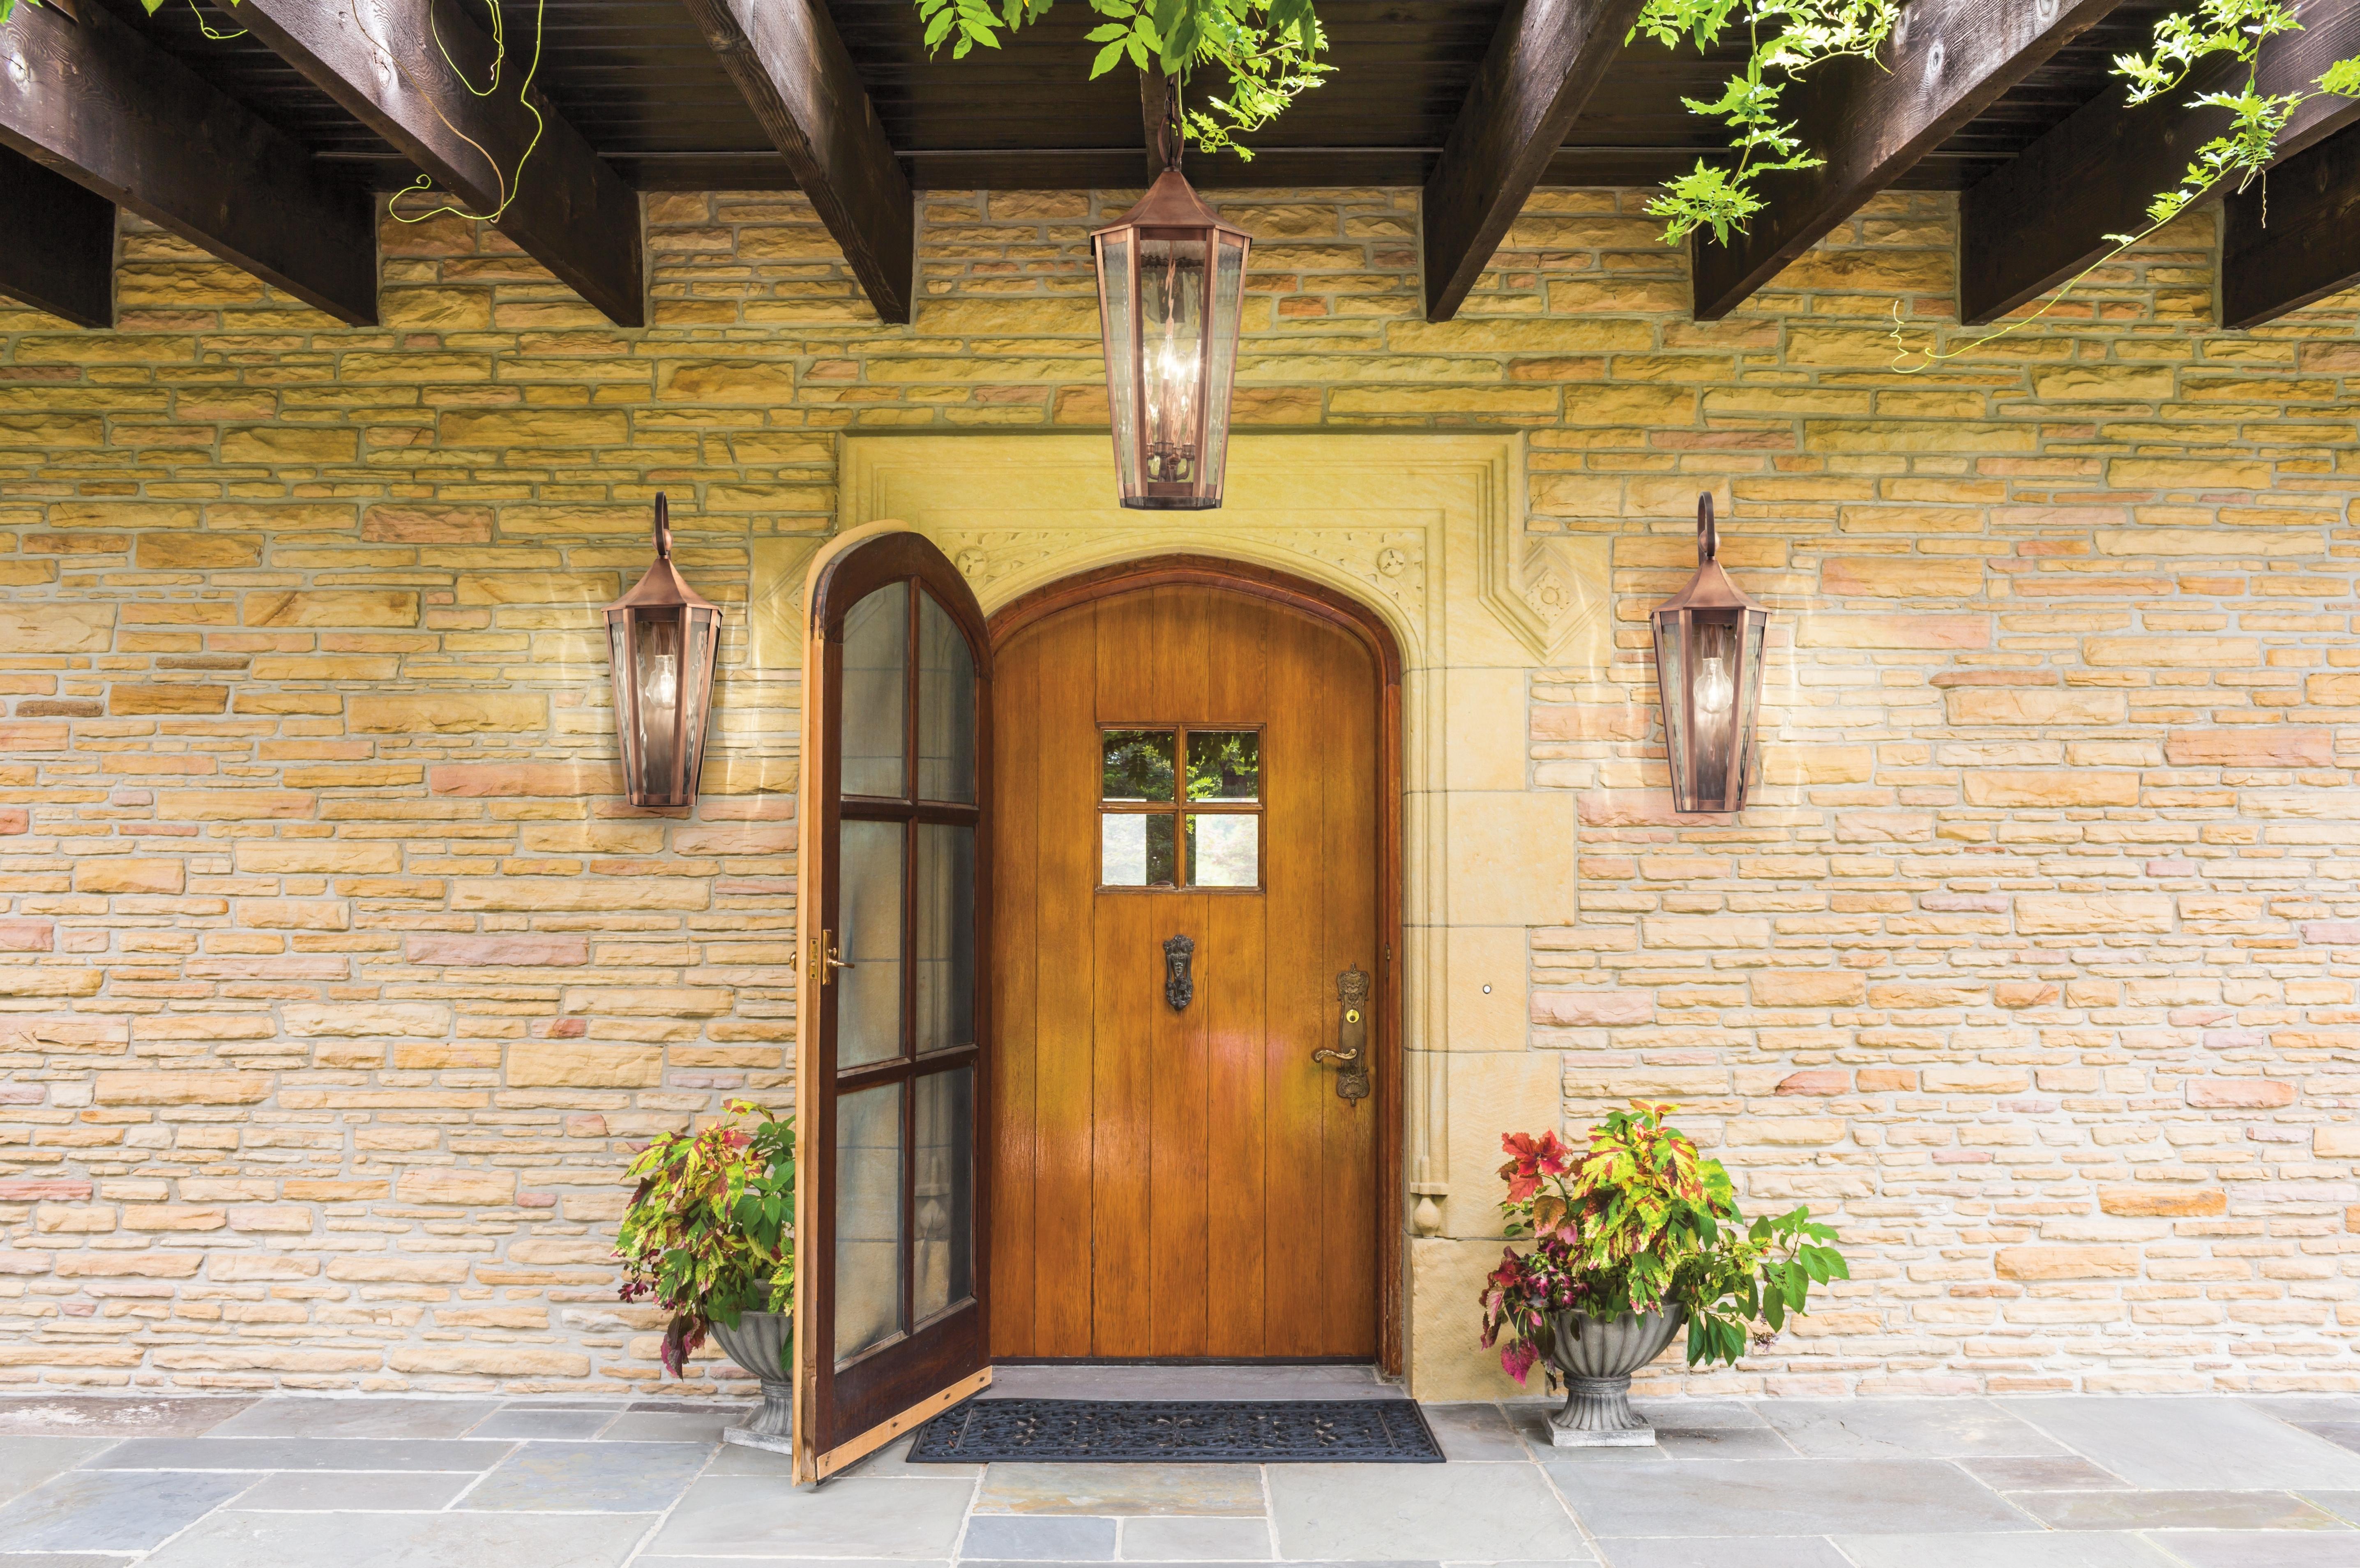 Outdoor Door Lanterns Intended For Popular Craftsman Style Exterior Lighting Helpful Outdoor Front Porch Doors (View 13 of 20)